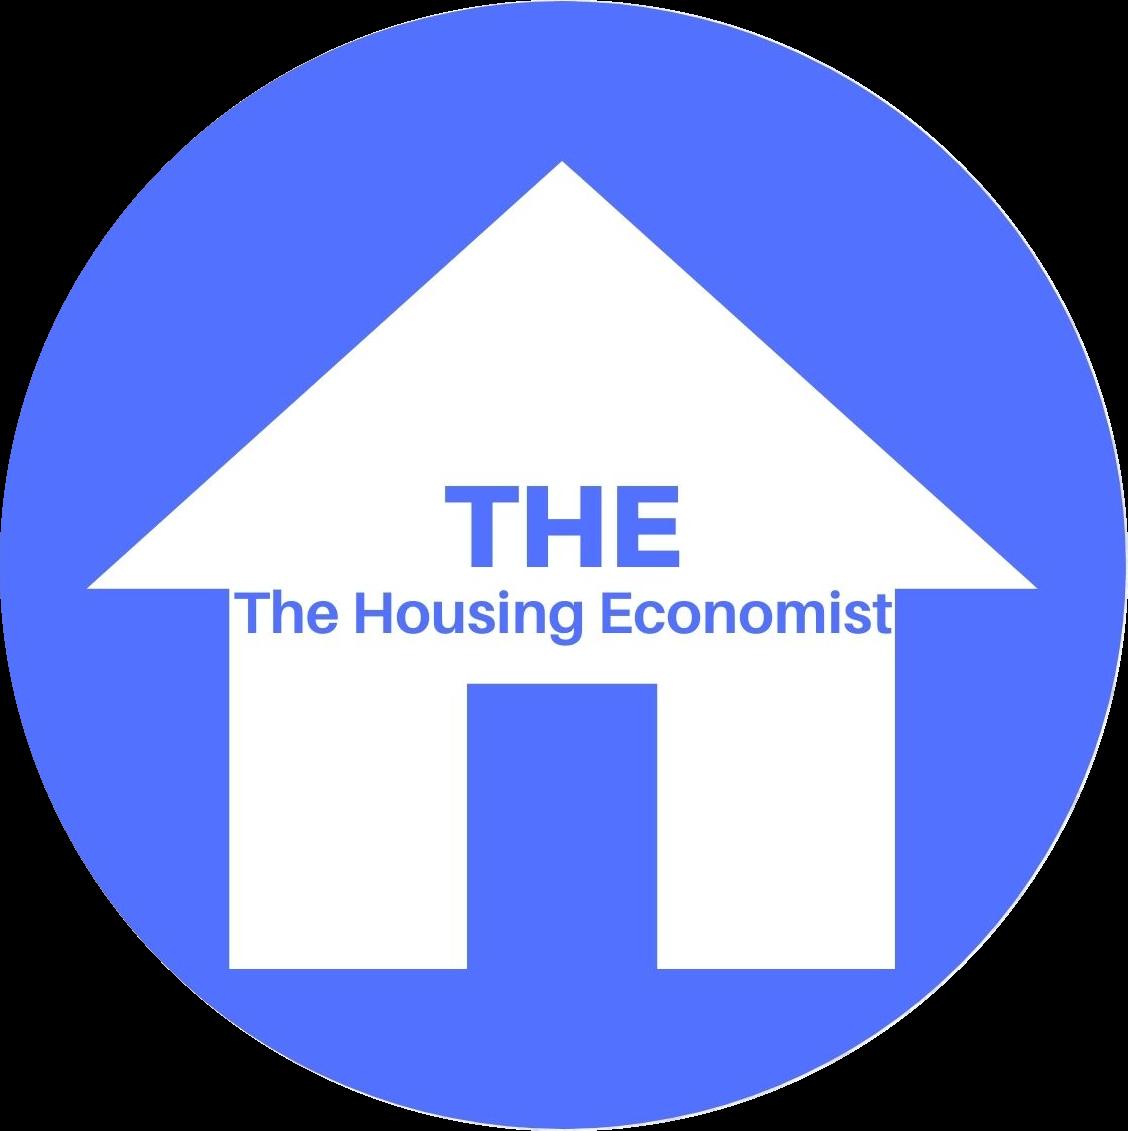 The Housing Economist